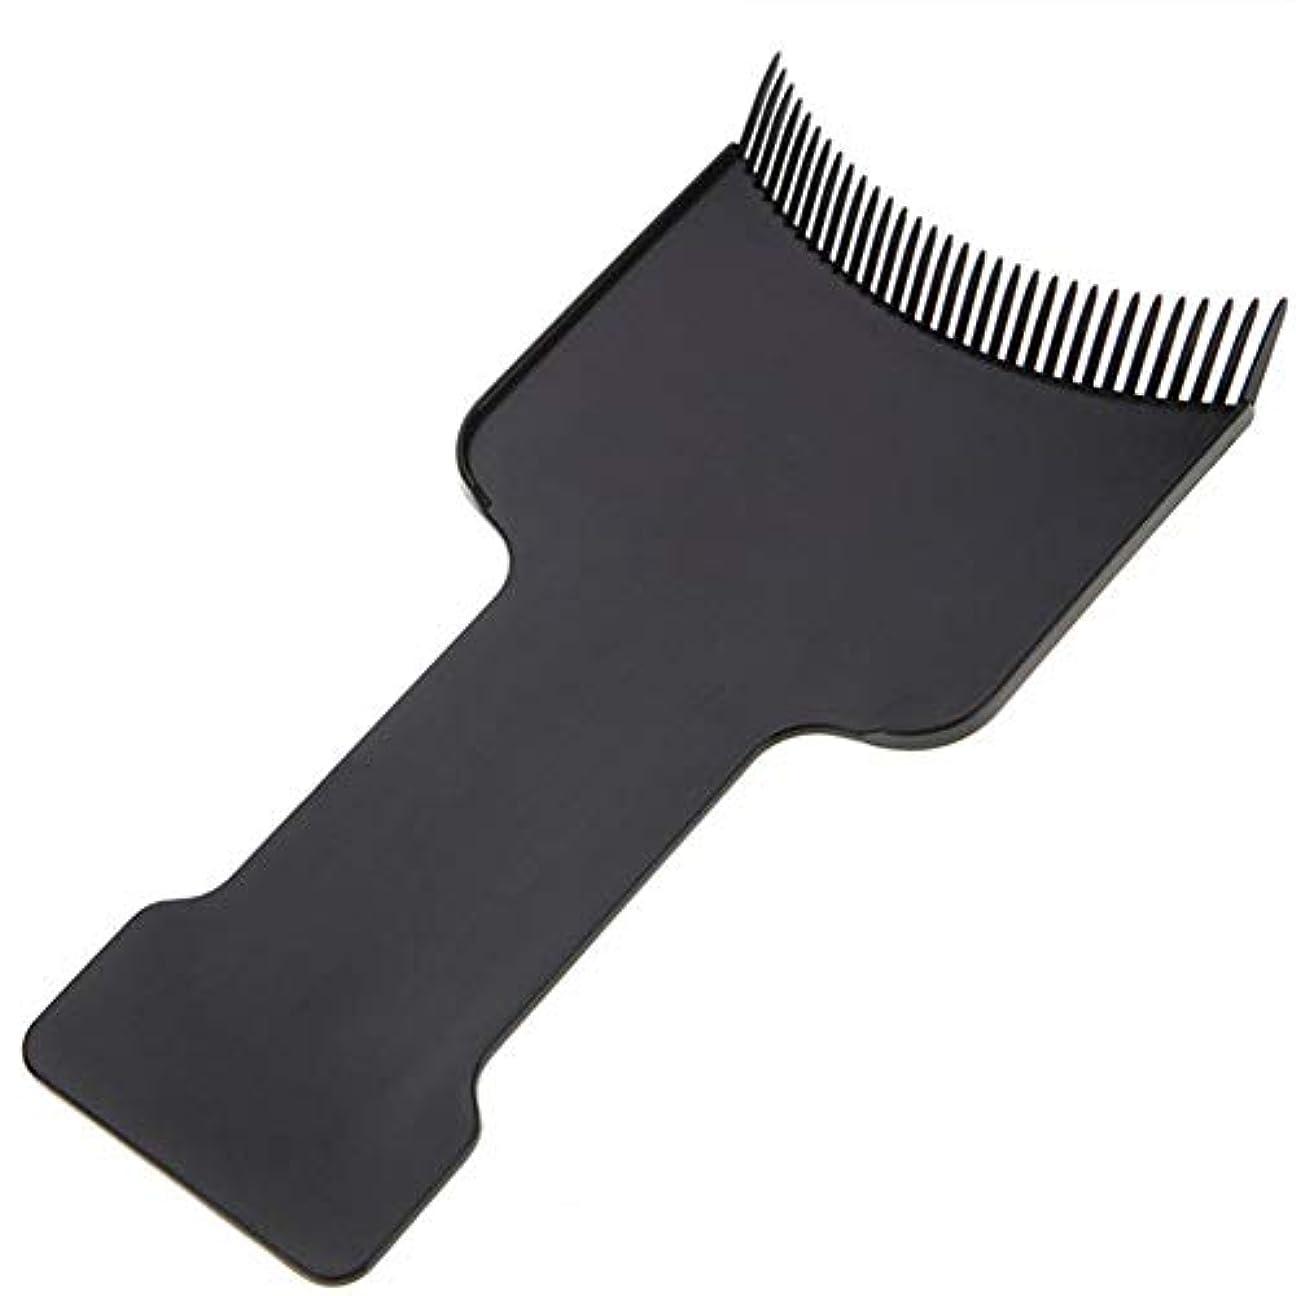 繰り返したロマンス面倒SILUN 理髪ヘアカラーボード 理髪サロン髪 着色染色ボードヘアトリートメントケアピックカラーボードコーム理髪ツール プロフェッショナルブラックヘアブラシボード理髪美容ツール